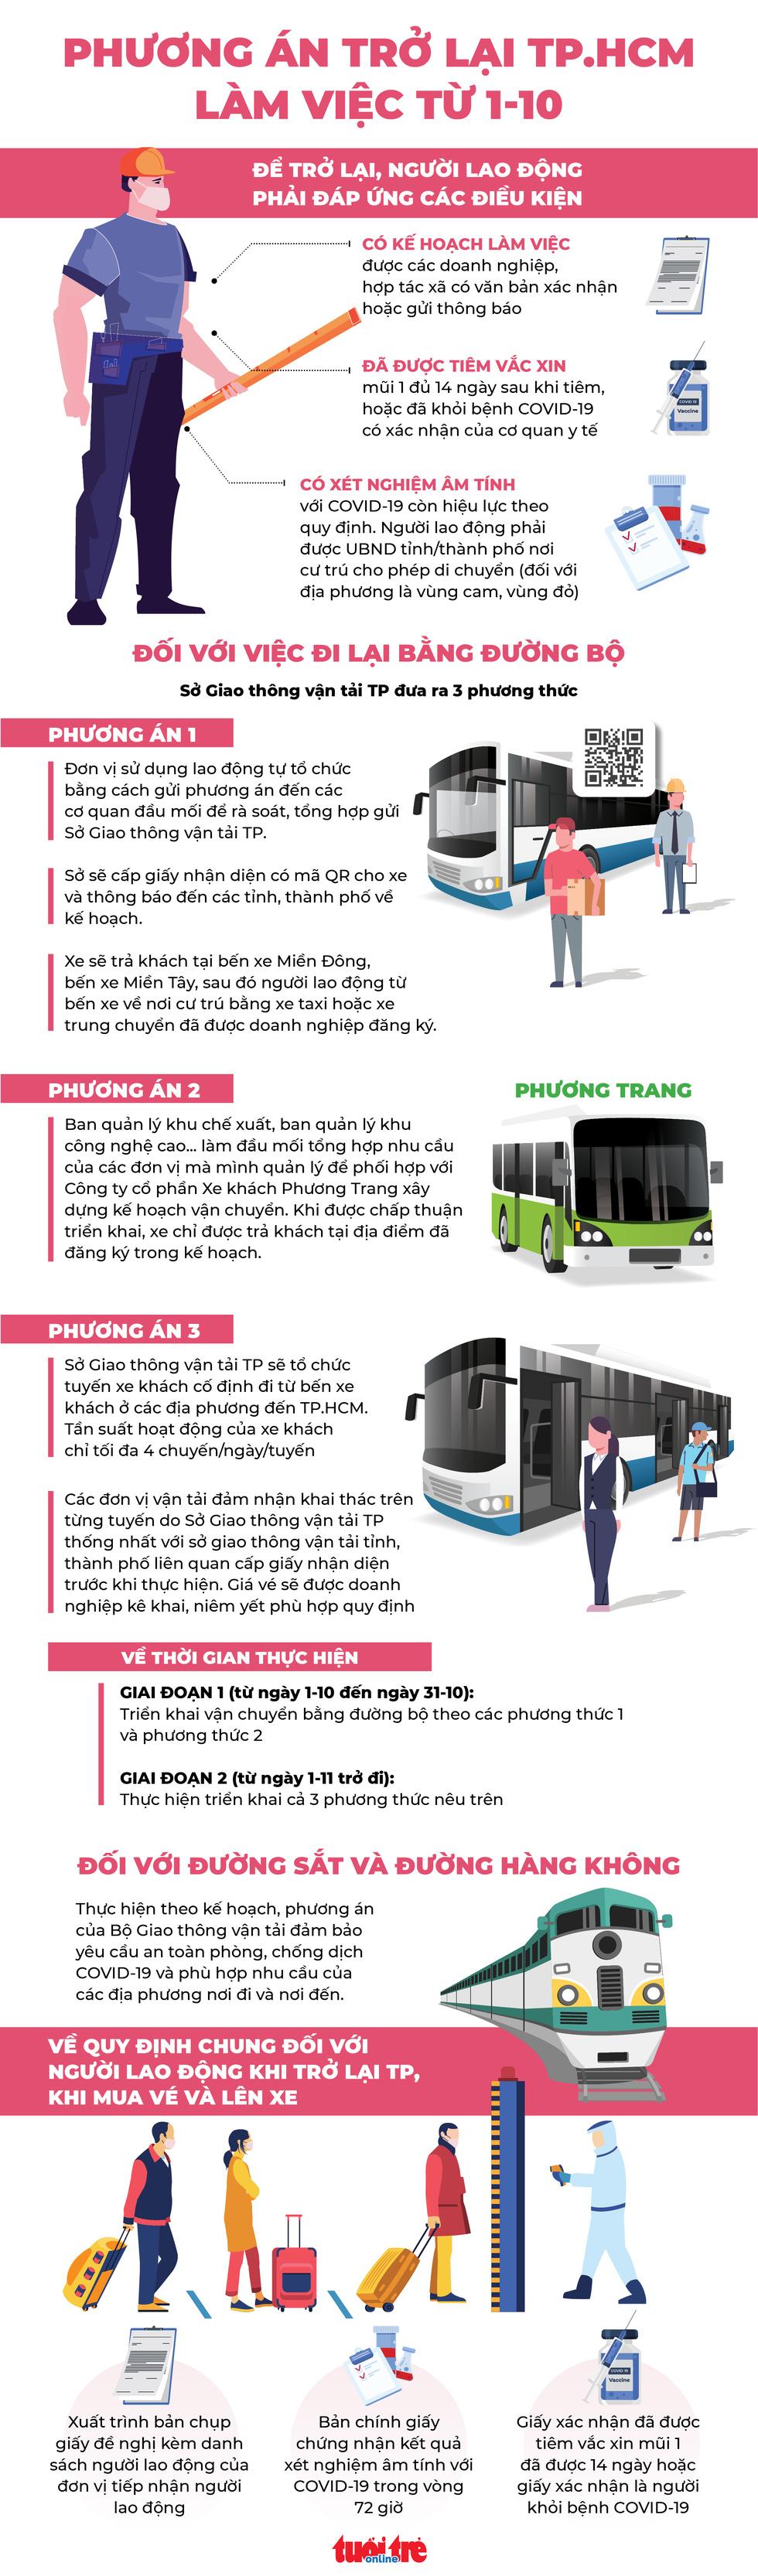 Infographic: Trở lại TP.HCM làm việc từ 1-10, người lao động cần điều kiện gì? - Ảnh 1.